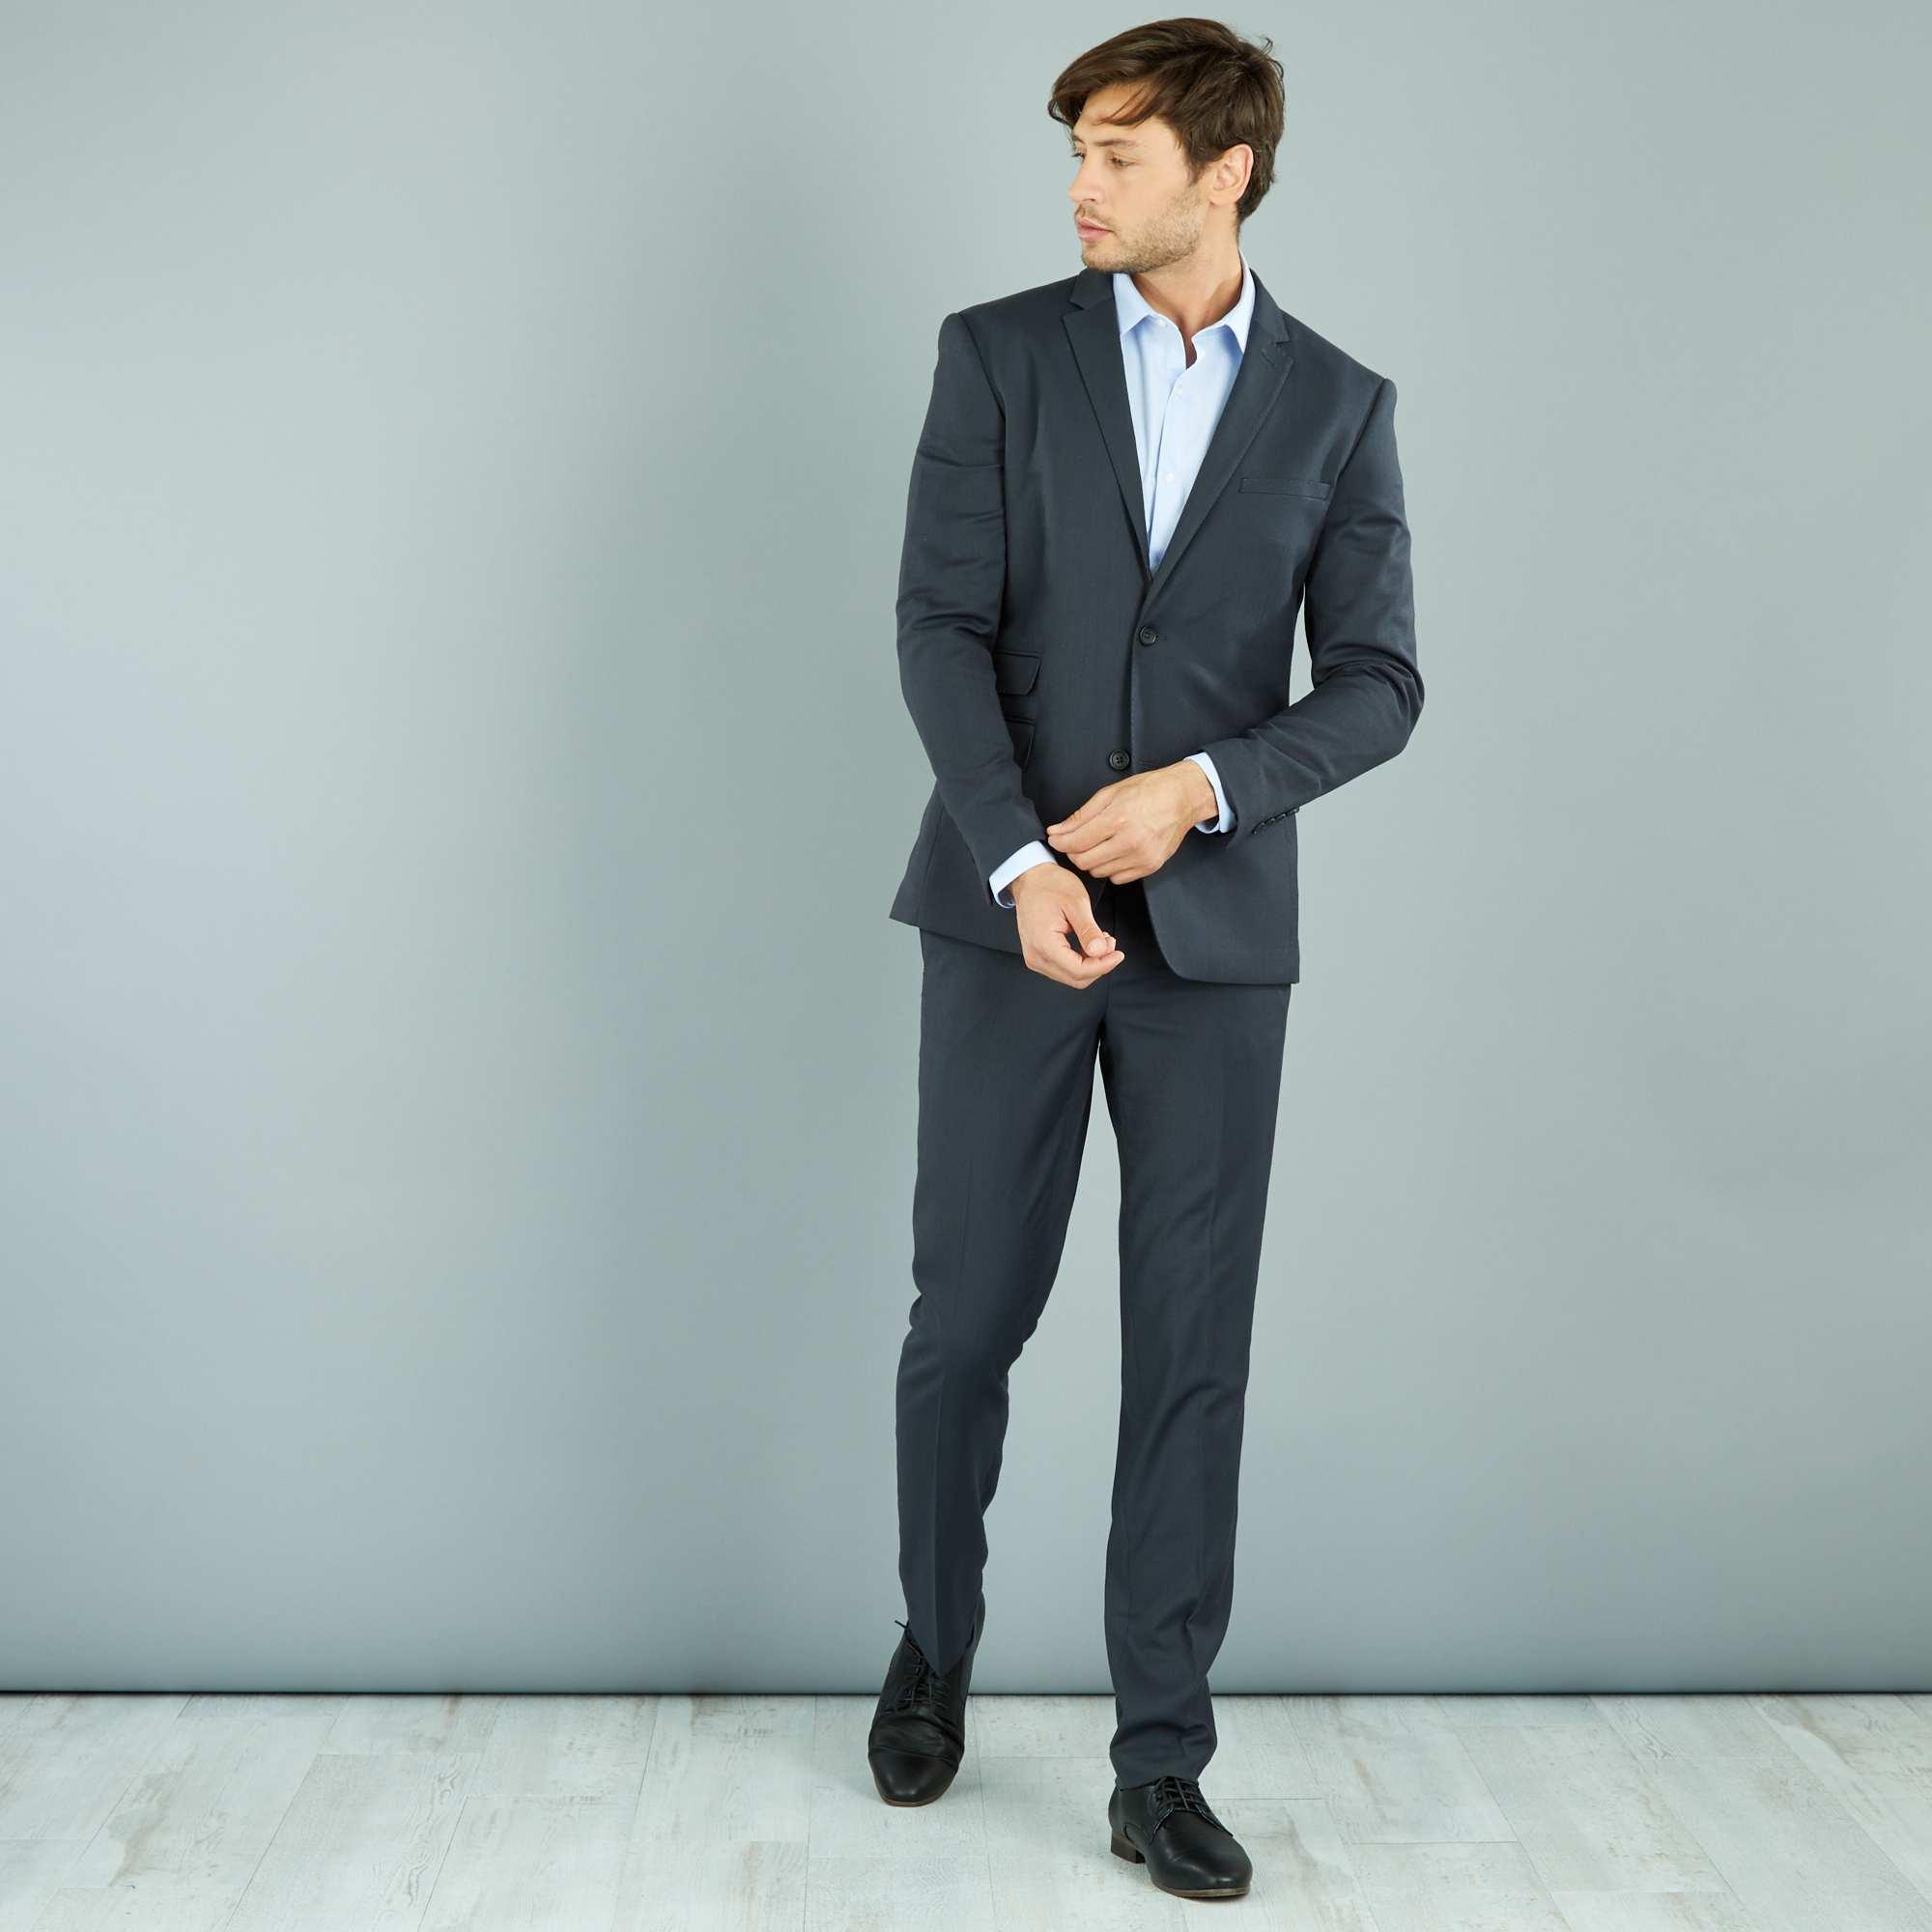 Couleur : gris, , ,, - Taille : 42, 40, 38,,Un tissu fluide et finement reliéfé façon 'caviar' pour ce pantalon de costume chic et